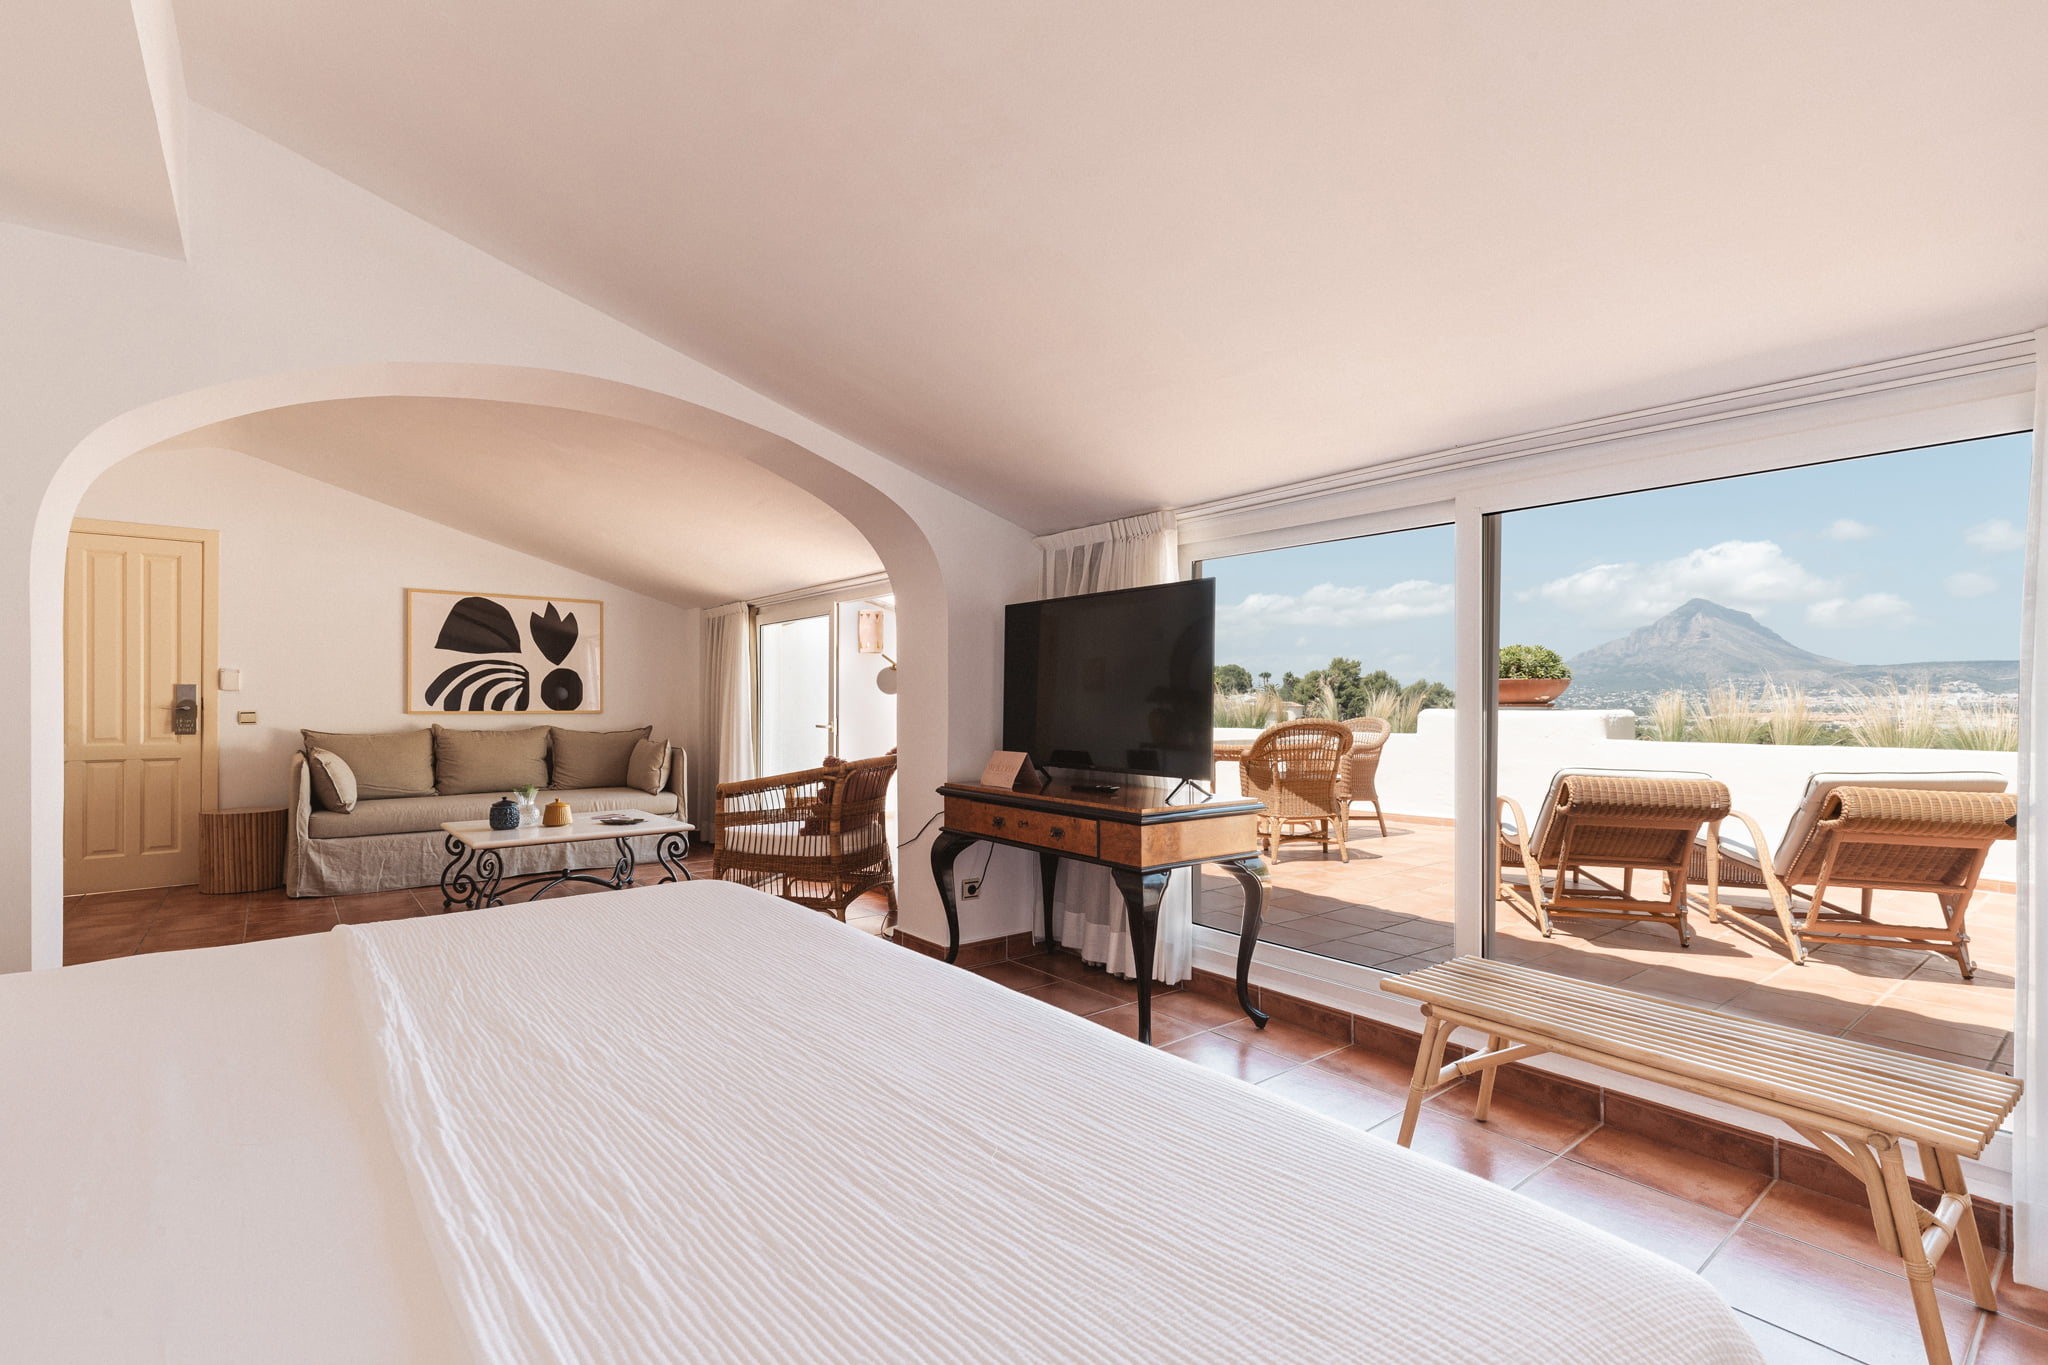 Hotel con vistas en Javea – Hotel Ritual de Terra Resort & Spa